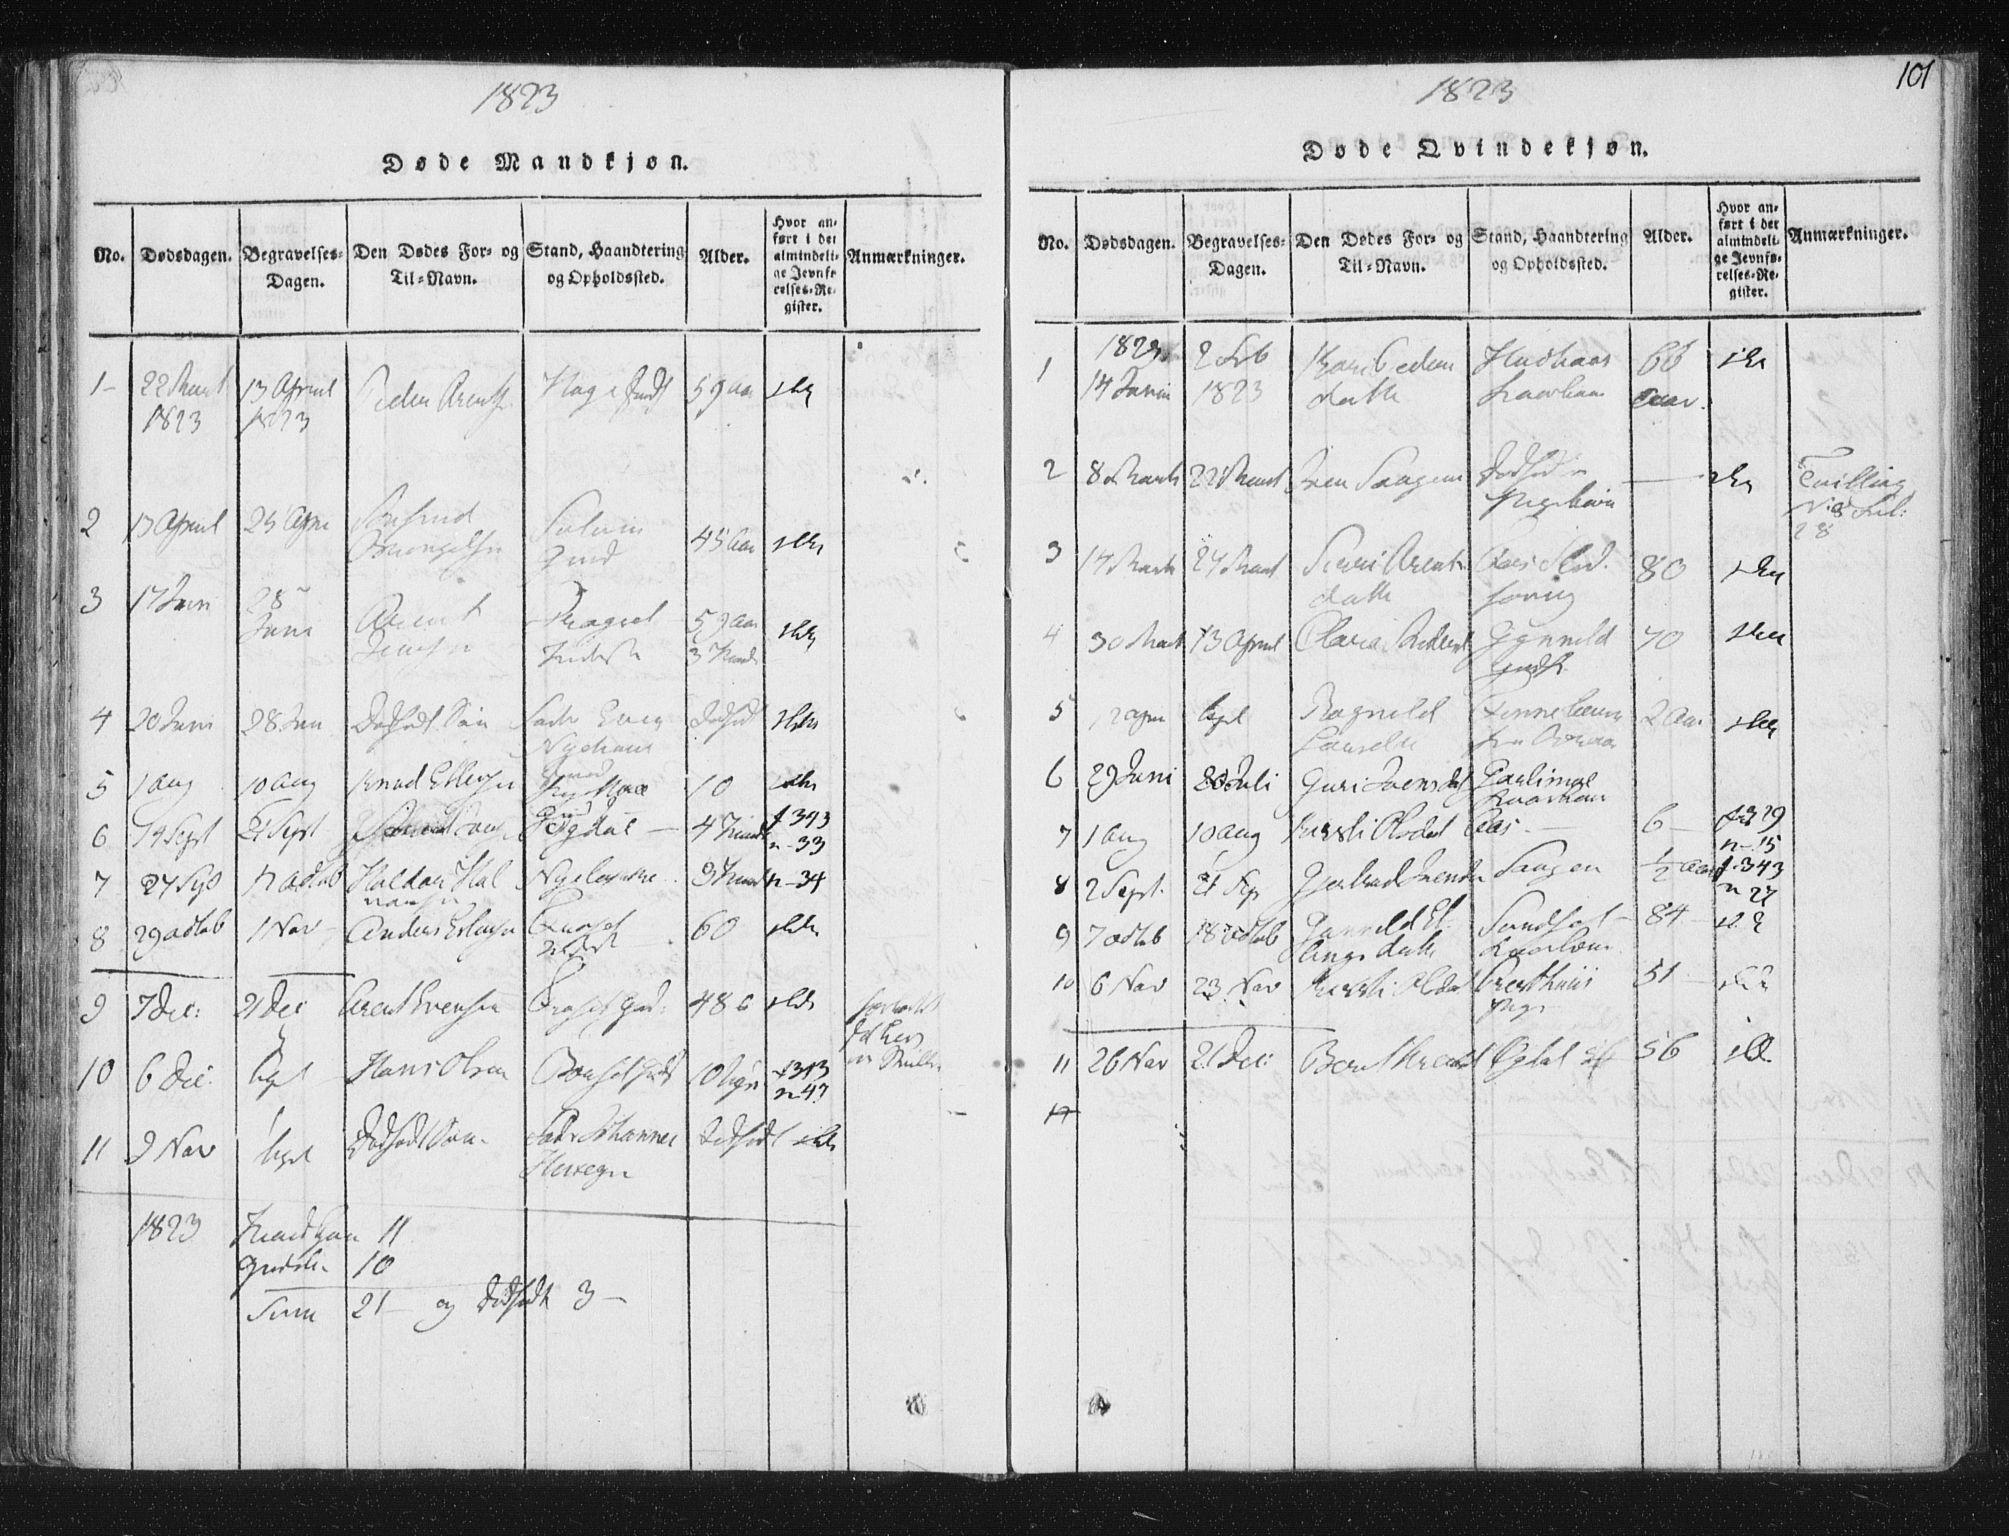 SAT, Ministerialprotokoller, klokkerbøker og fødselsregistre - Sør-Trøndelag, 689/L1037: Ministerialbok nr. 689A02, 1816-1842, s. 101